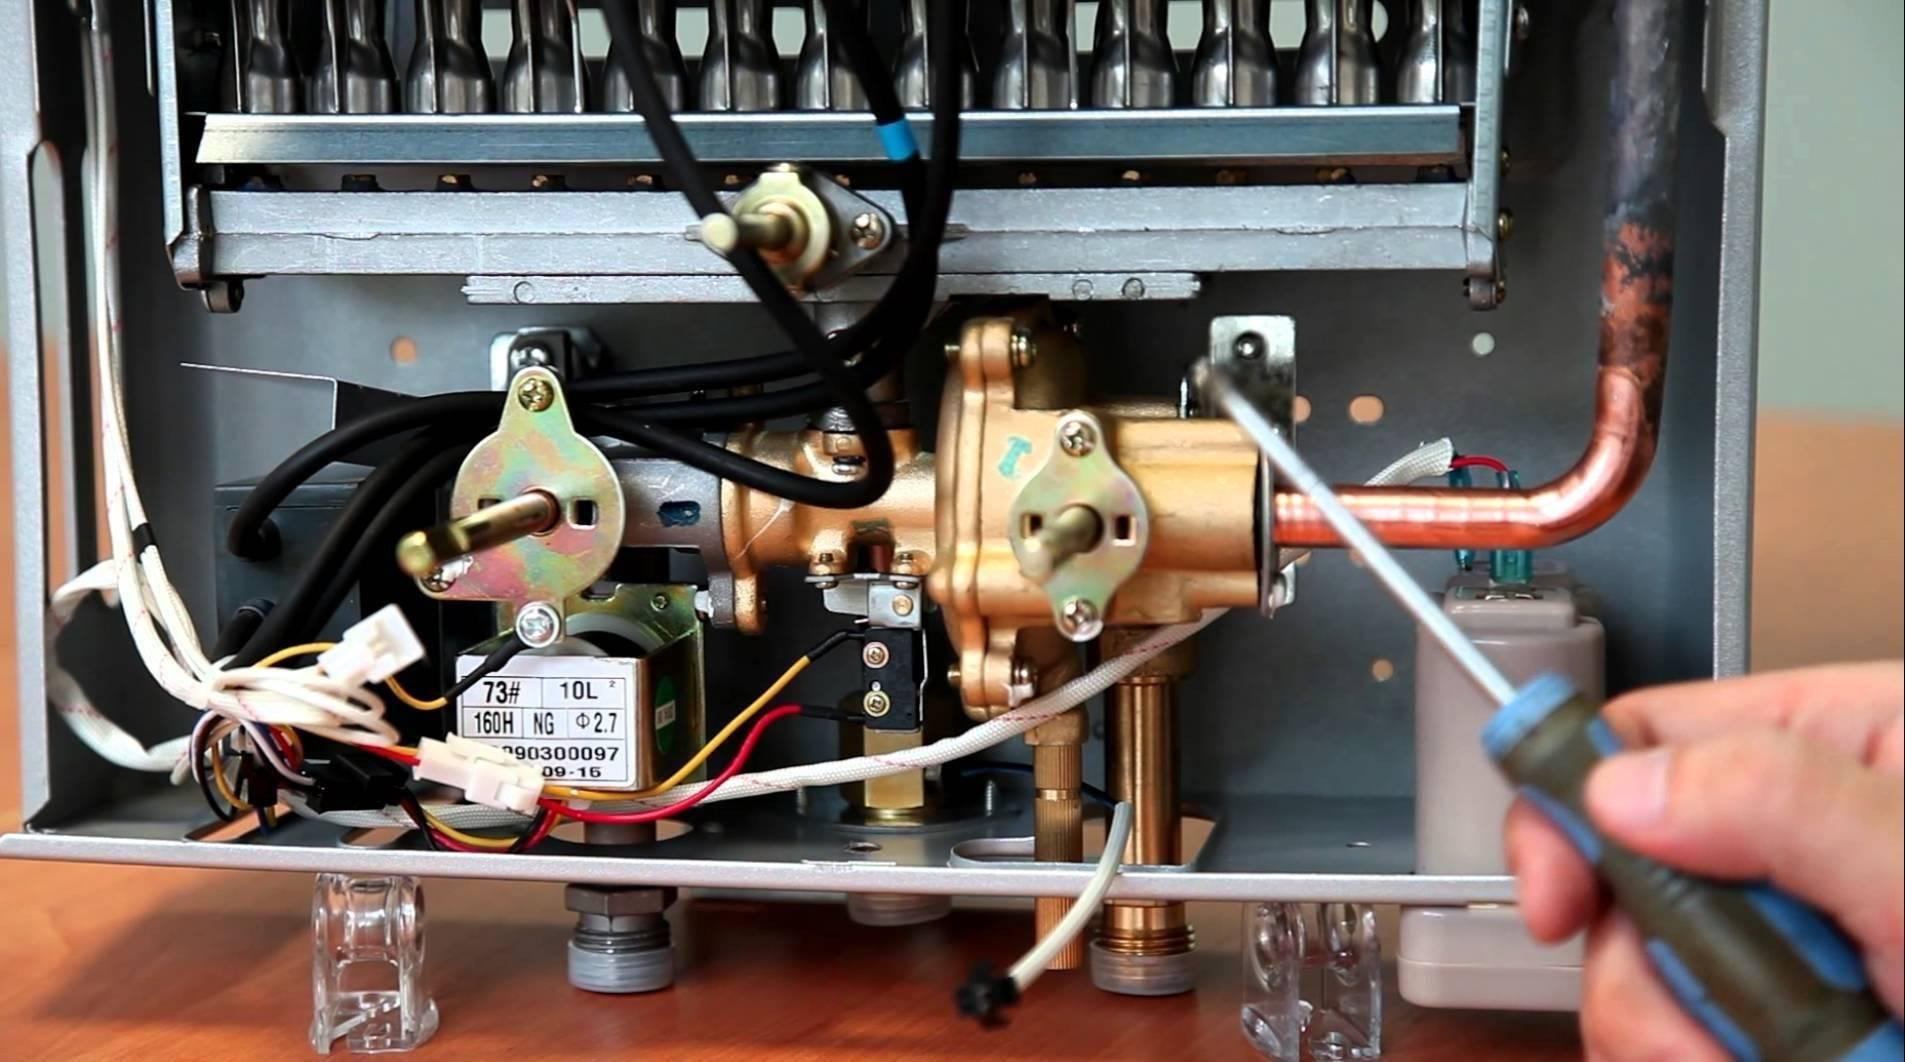 Почему отключается газовая колонка - причины, методы исправления, как предотвратить поломку